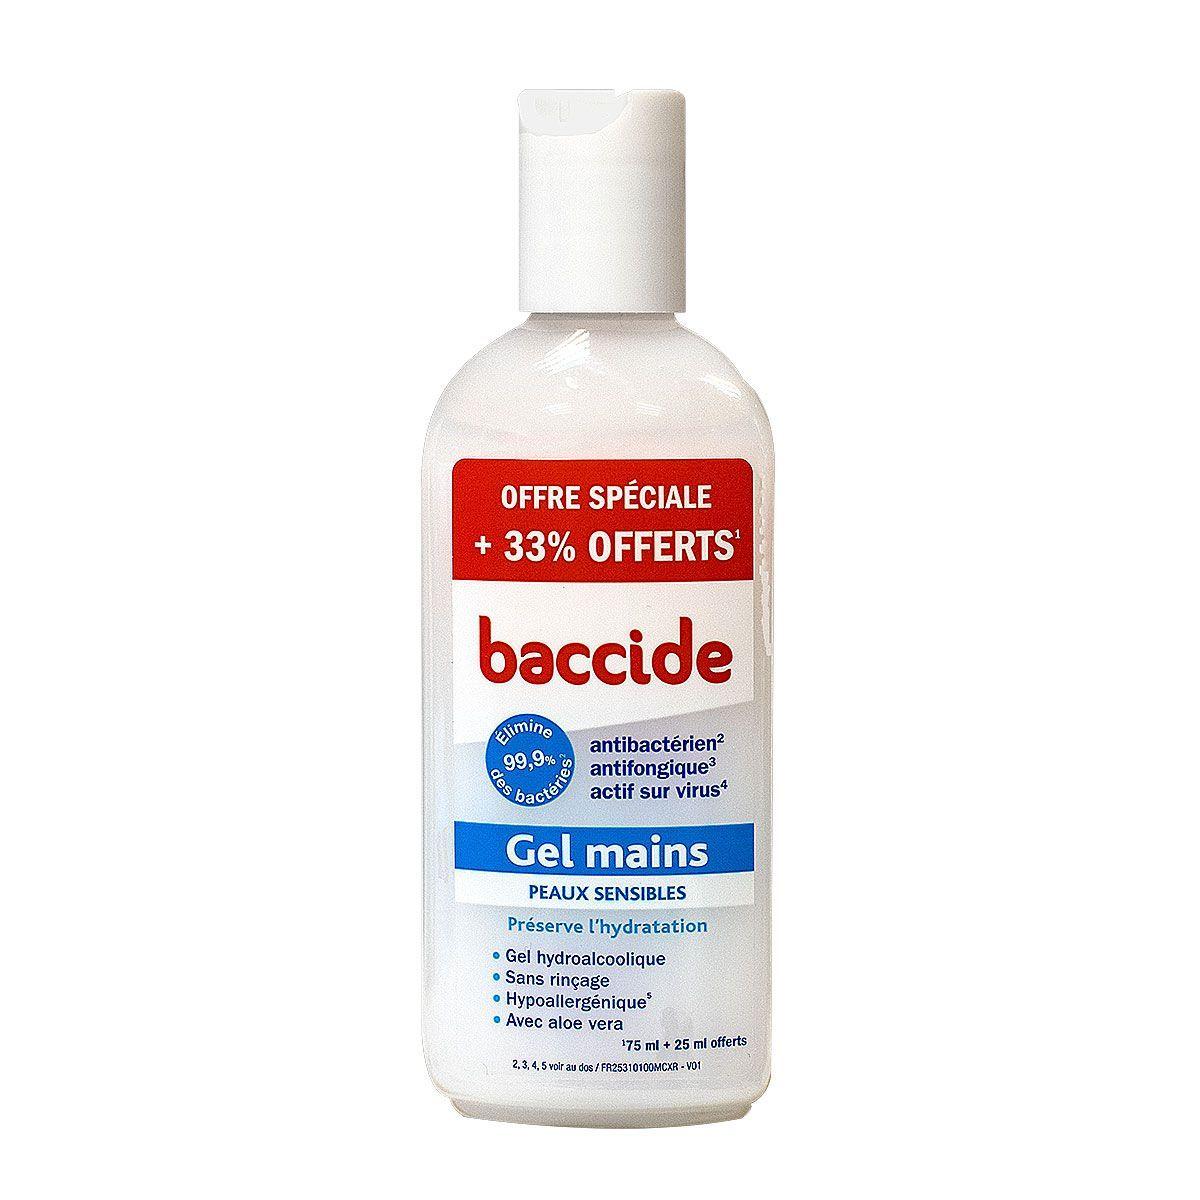 Baccide Gel Mains Est Un Soin Hydroalcoolique Utilise Pour